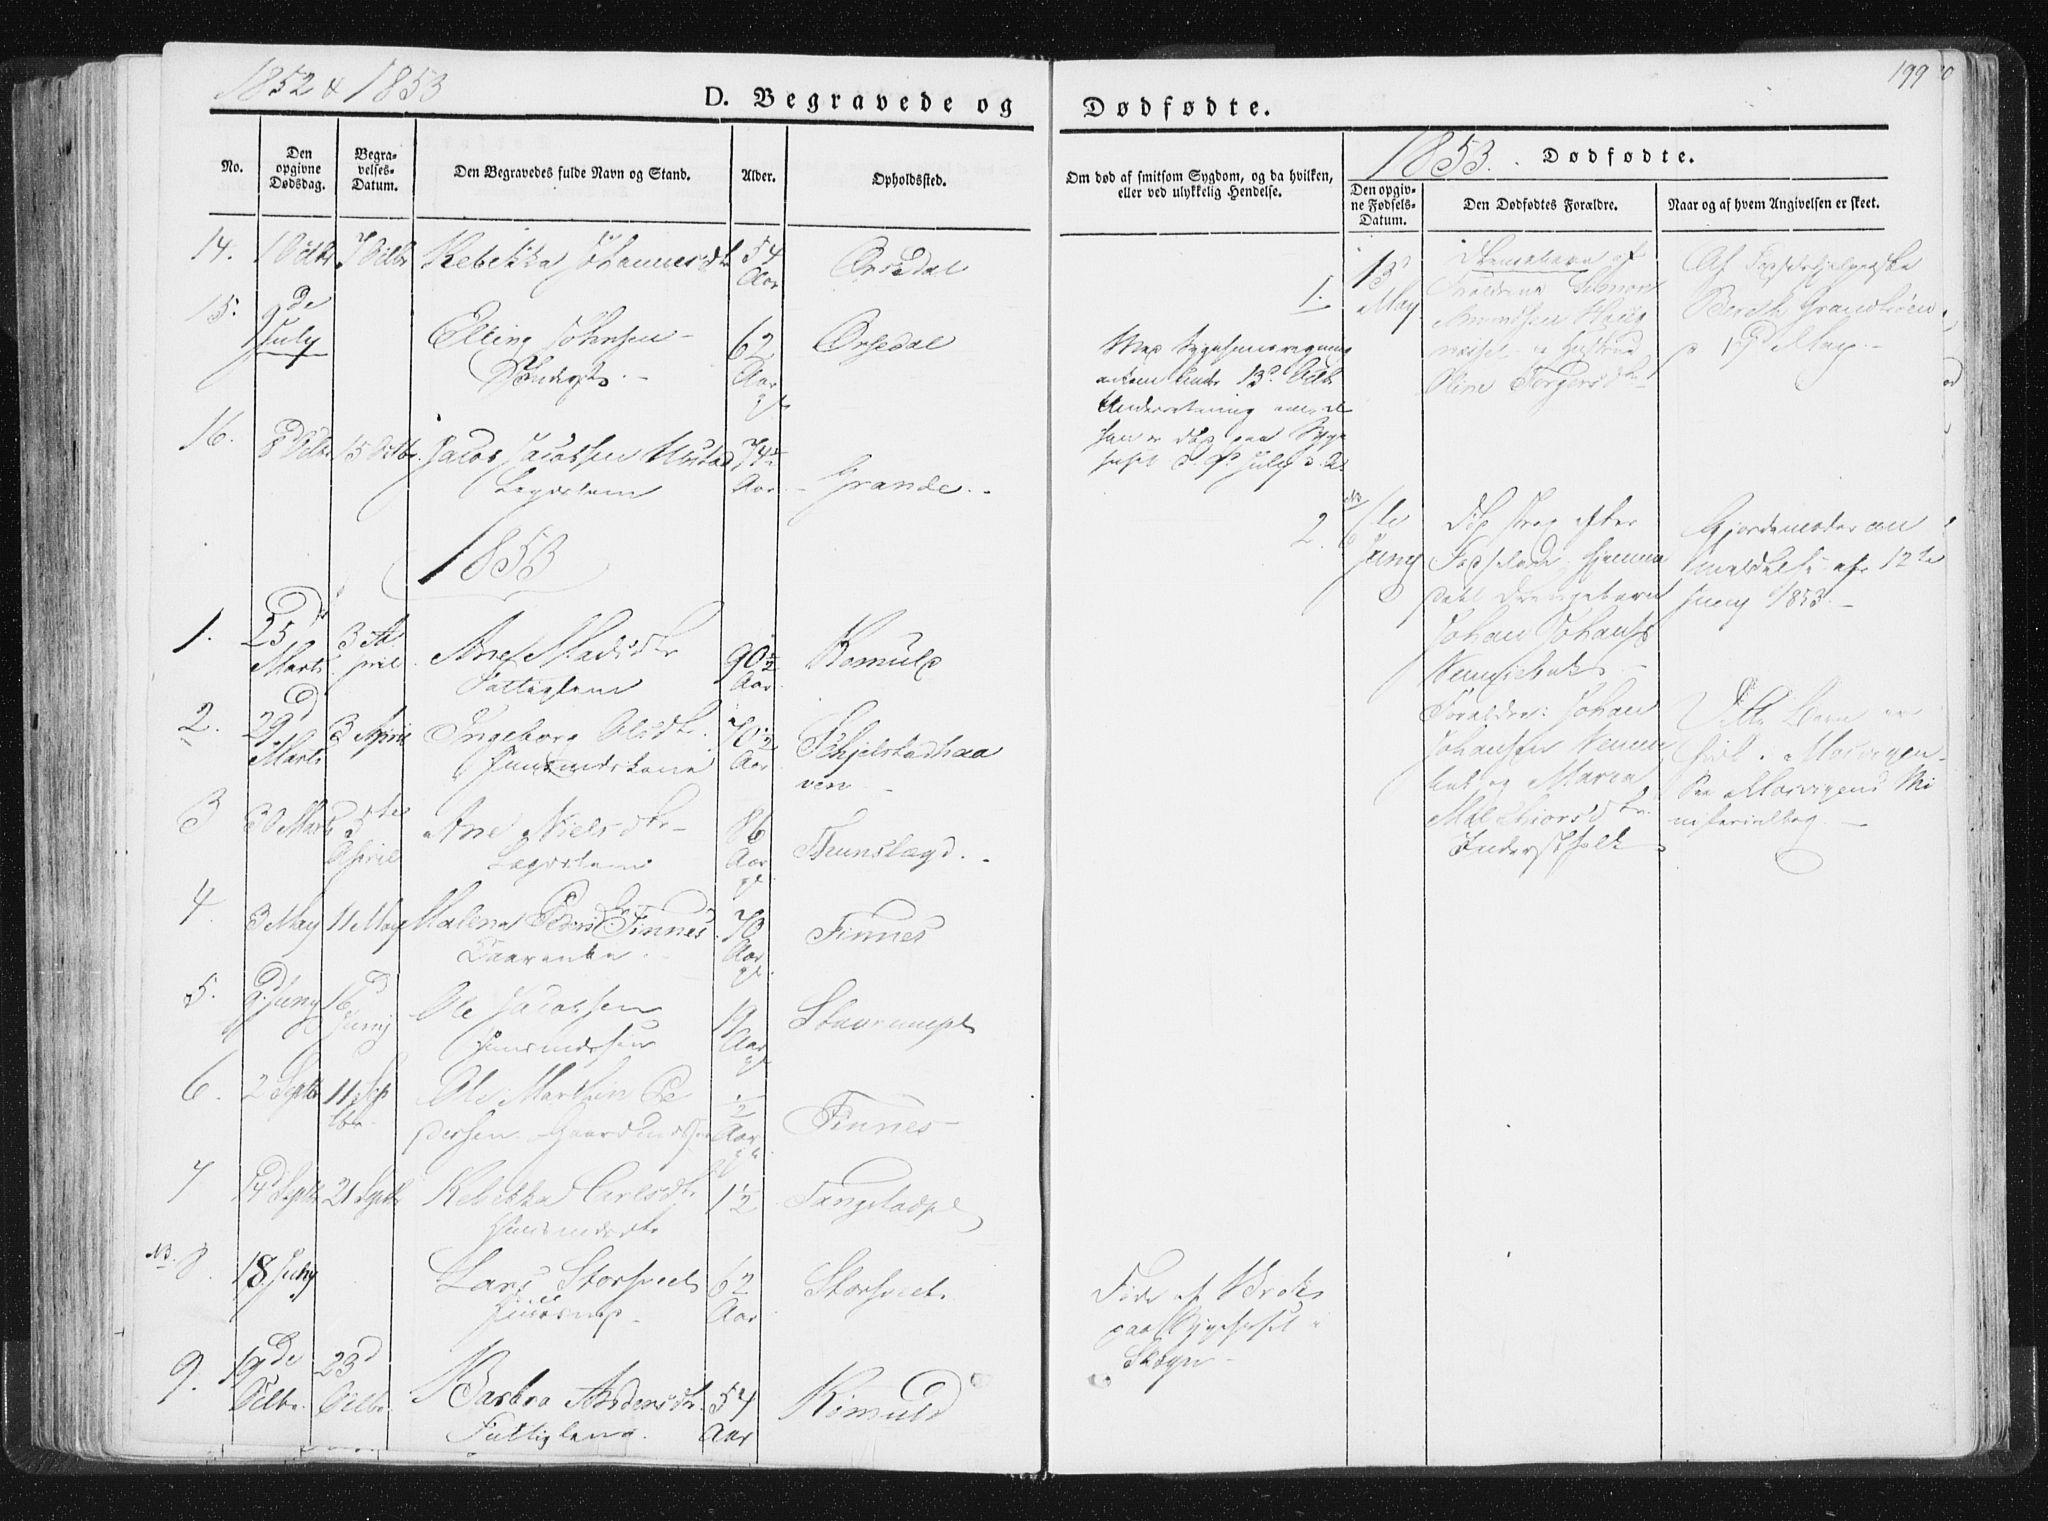 SAT, Ministerialprotokoller, klokkerbøker og fødselsregistre - Nord-Trøndelag, 744/L0418: Ministerialbok nr. 744A02, 1843-1866, s. 199